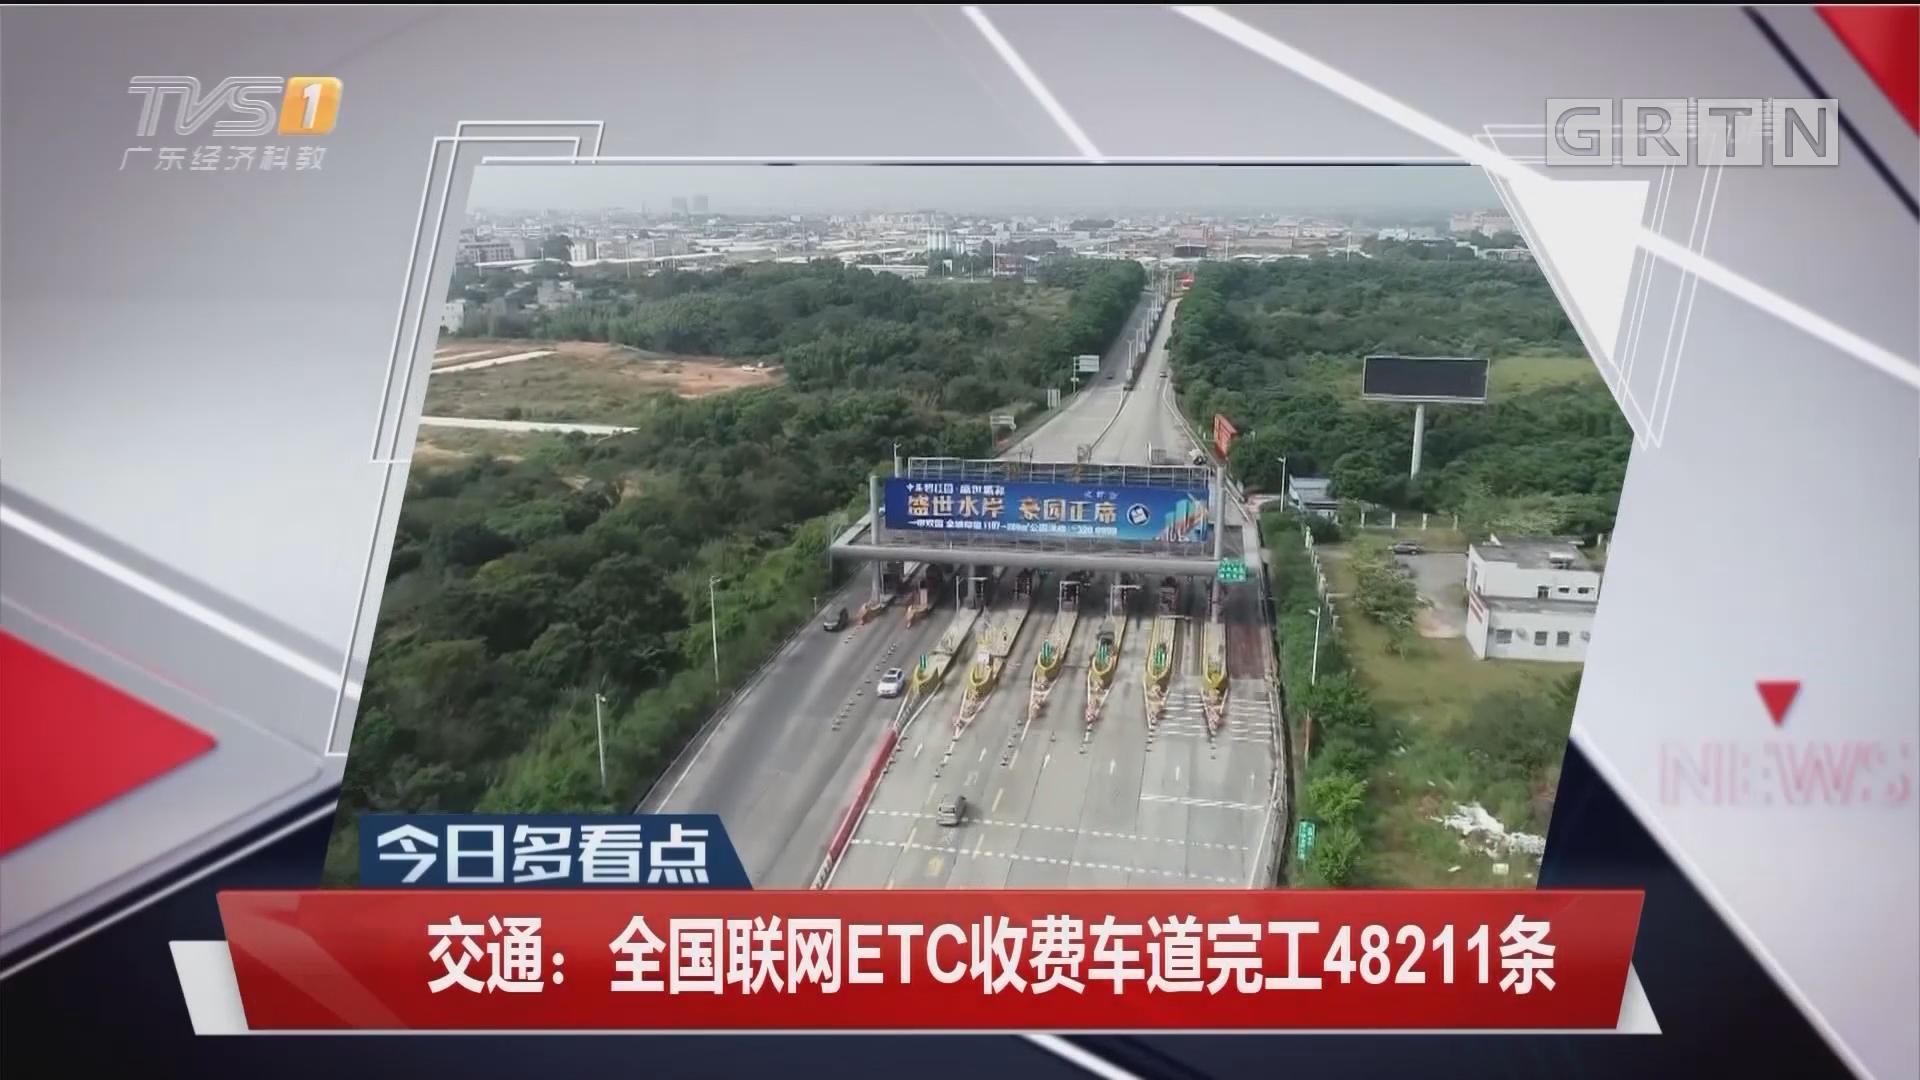 交通:全国联网ETC收费车道完工48211条